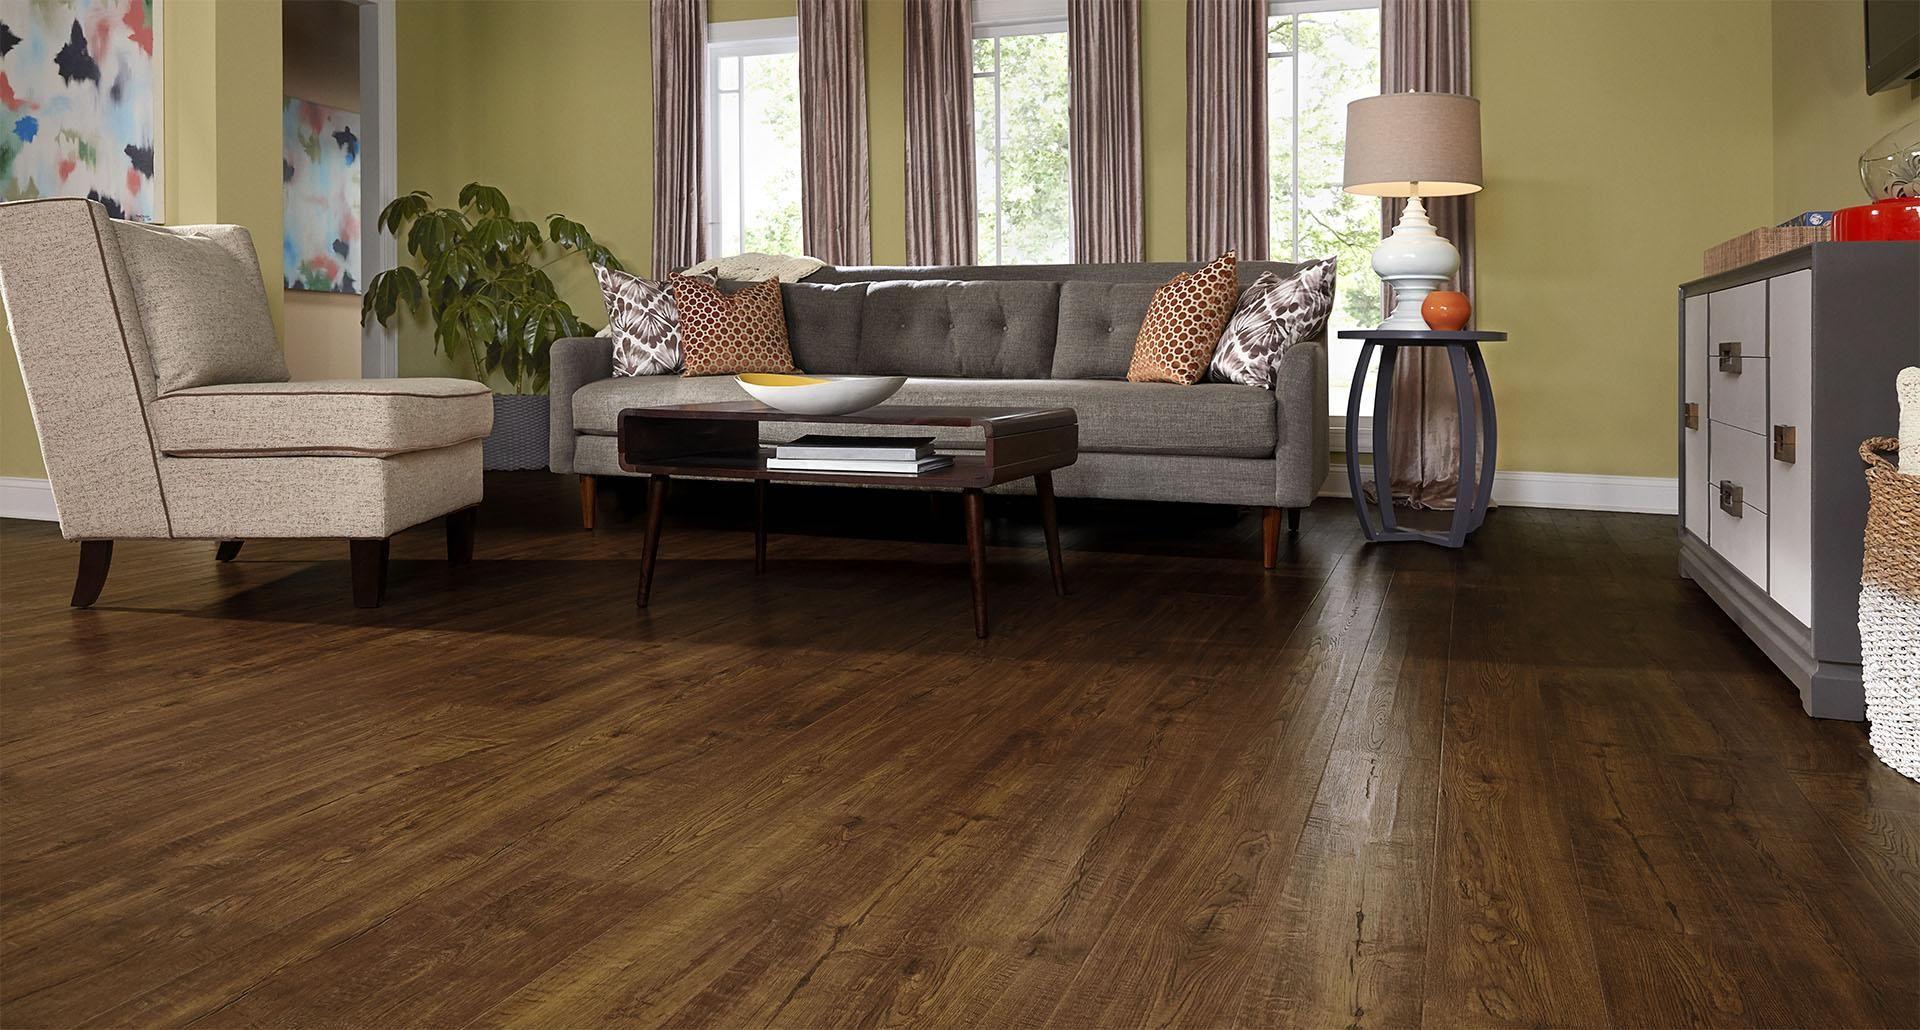 Mohawk Pergo Auburn Scraped Oak 6 Hand Scraped Laminate Flooring Pergo Laminate Flooring Pergo Flooring Oak Laminate